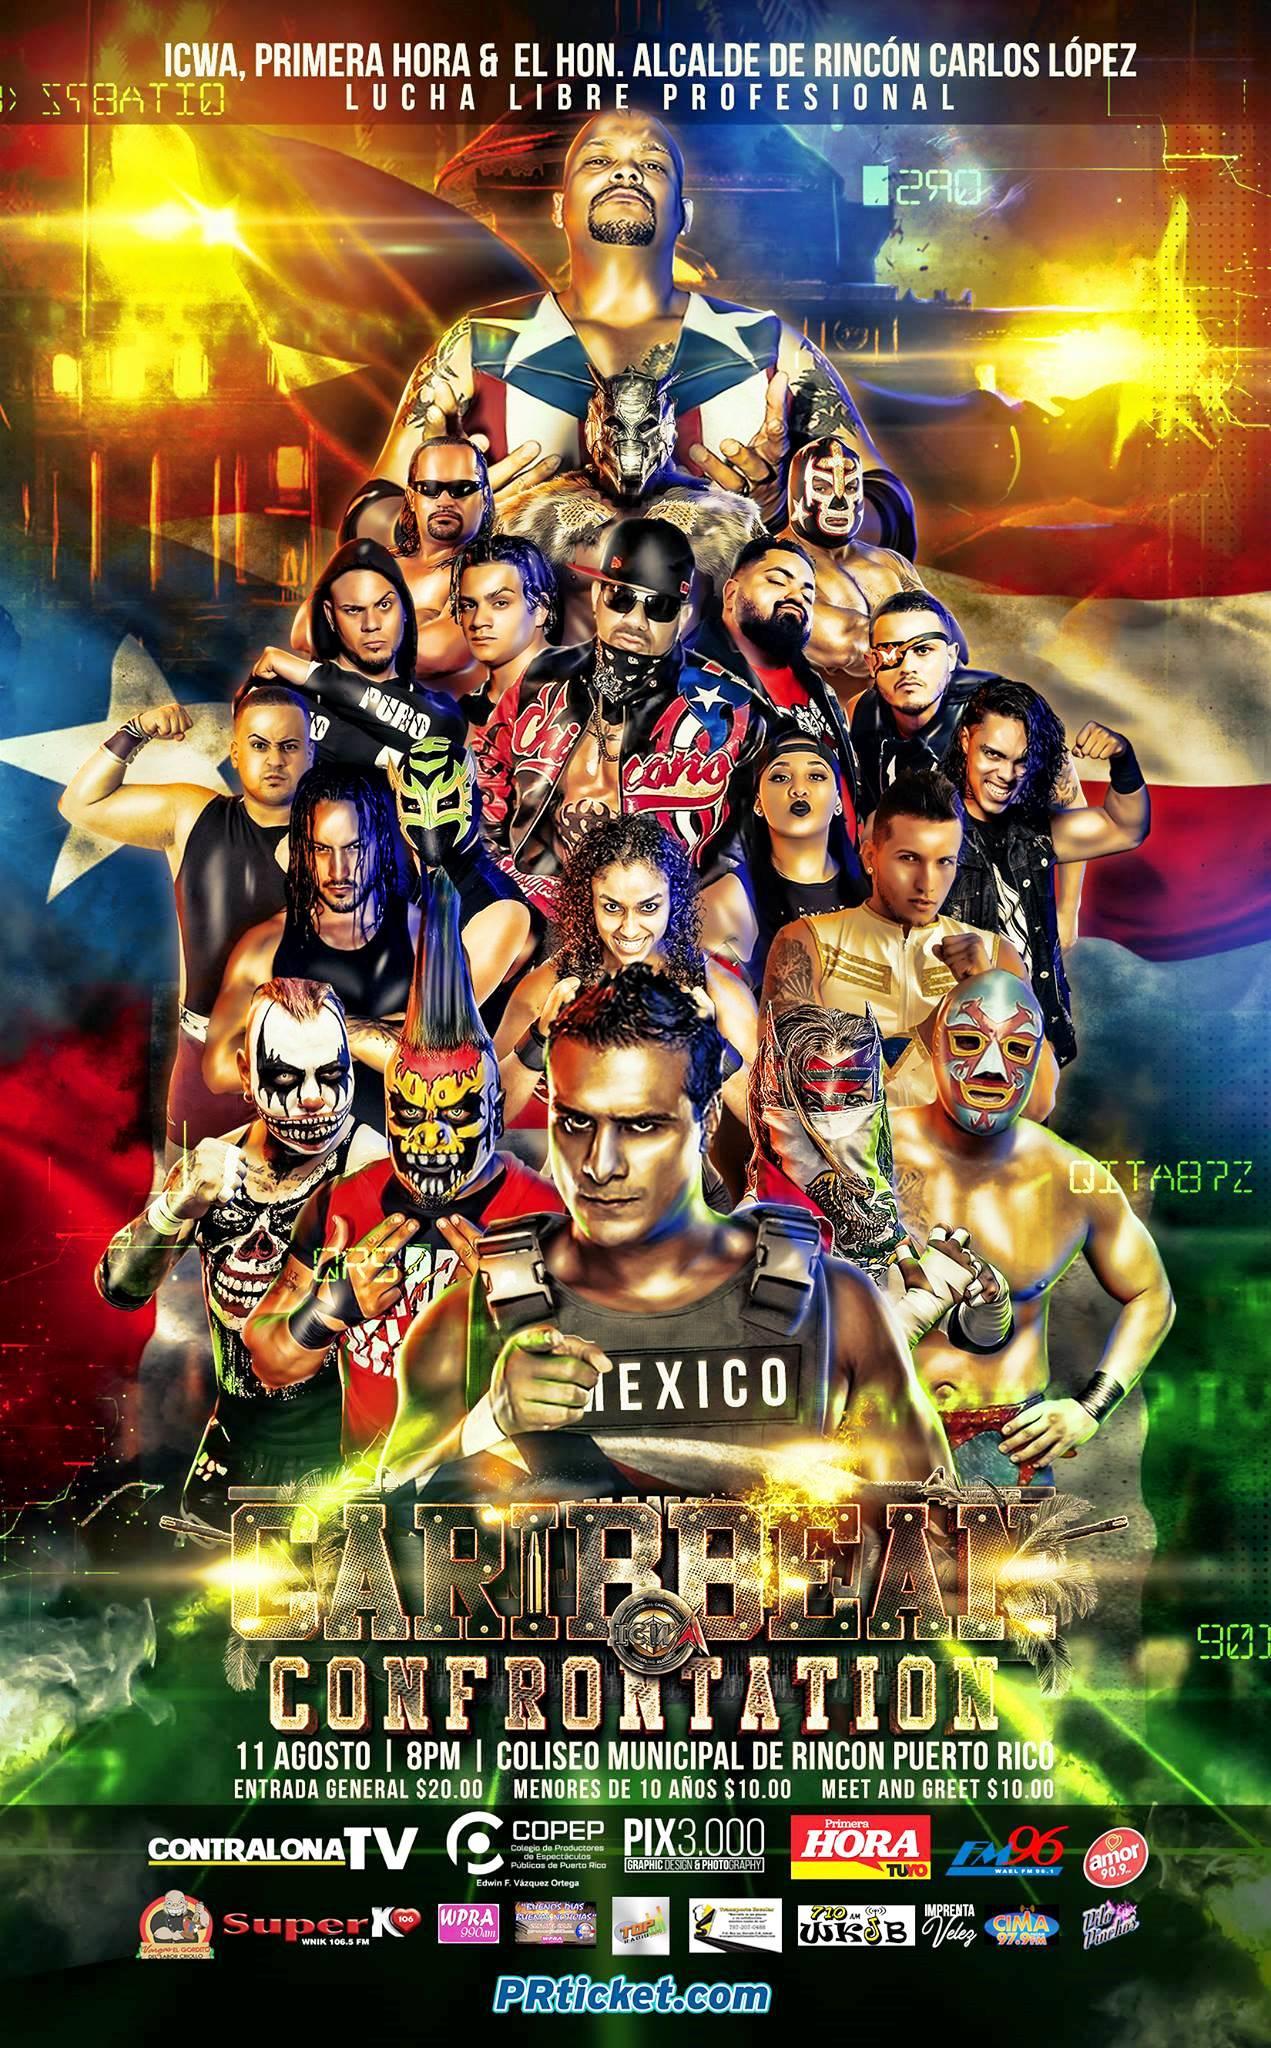 Puerto Rico vs México en Evento Internacional